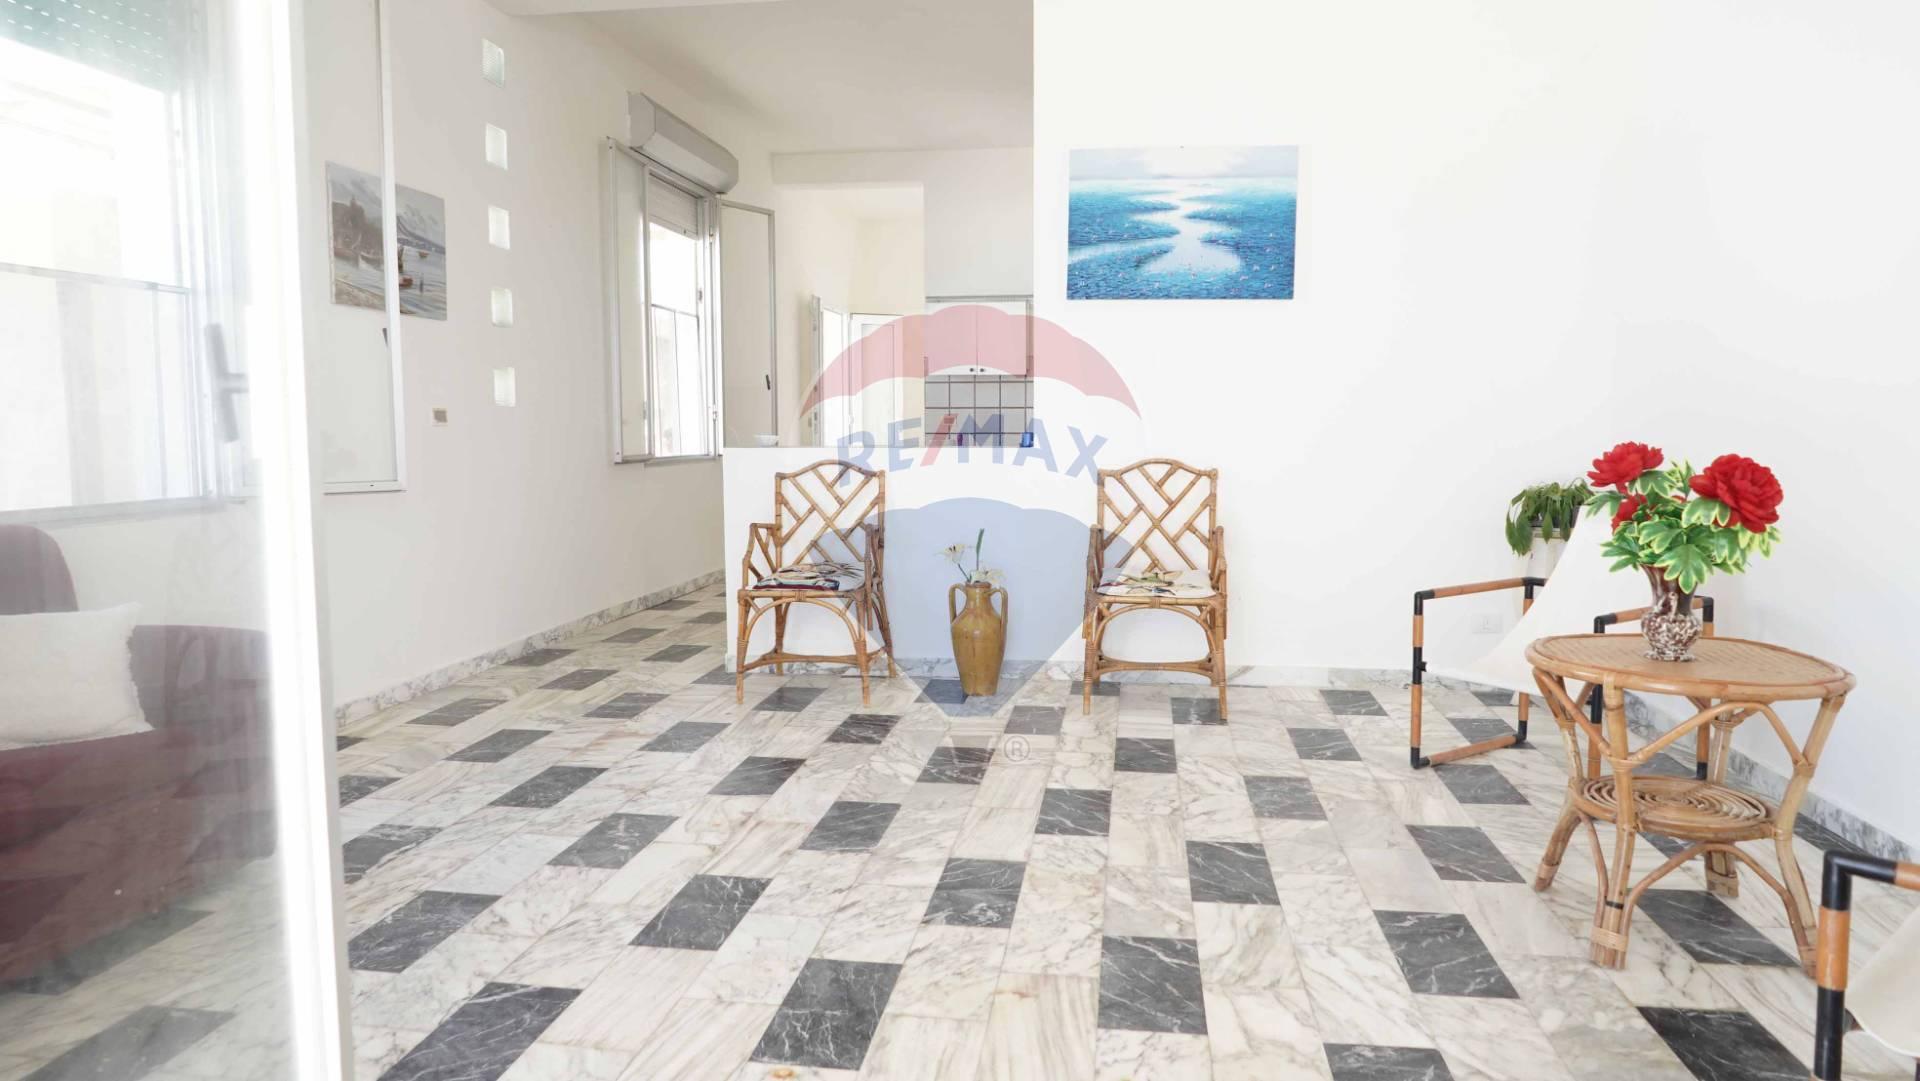 Appartamento in vendita a Vittoria, 5 locali, zona Località: Scoglitti, prezzo € 149.000 | CambioCasa.it